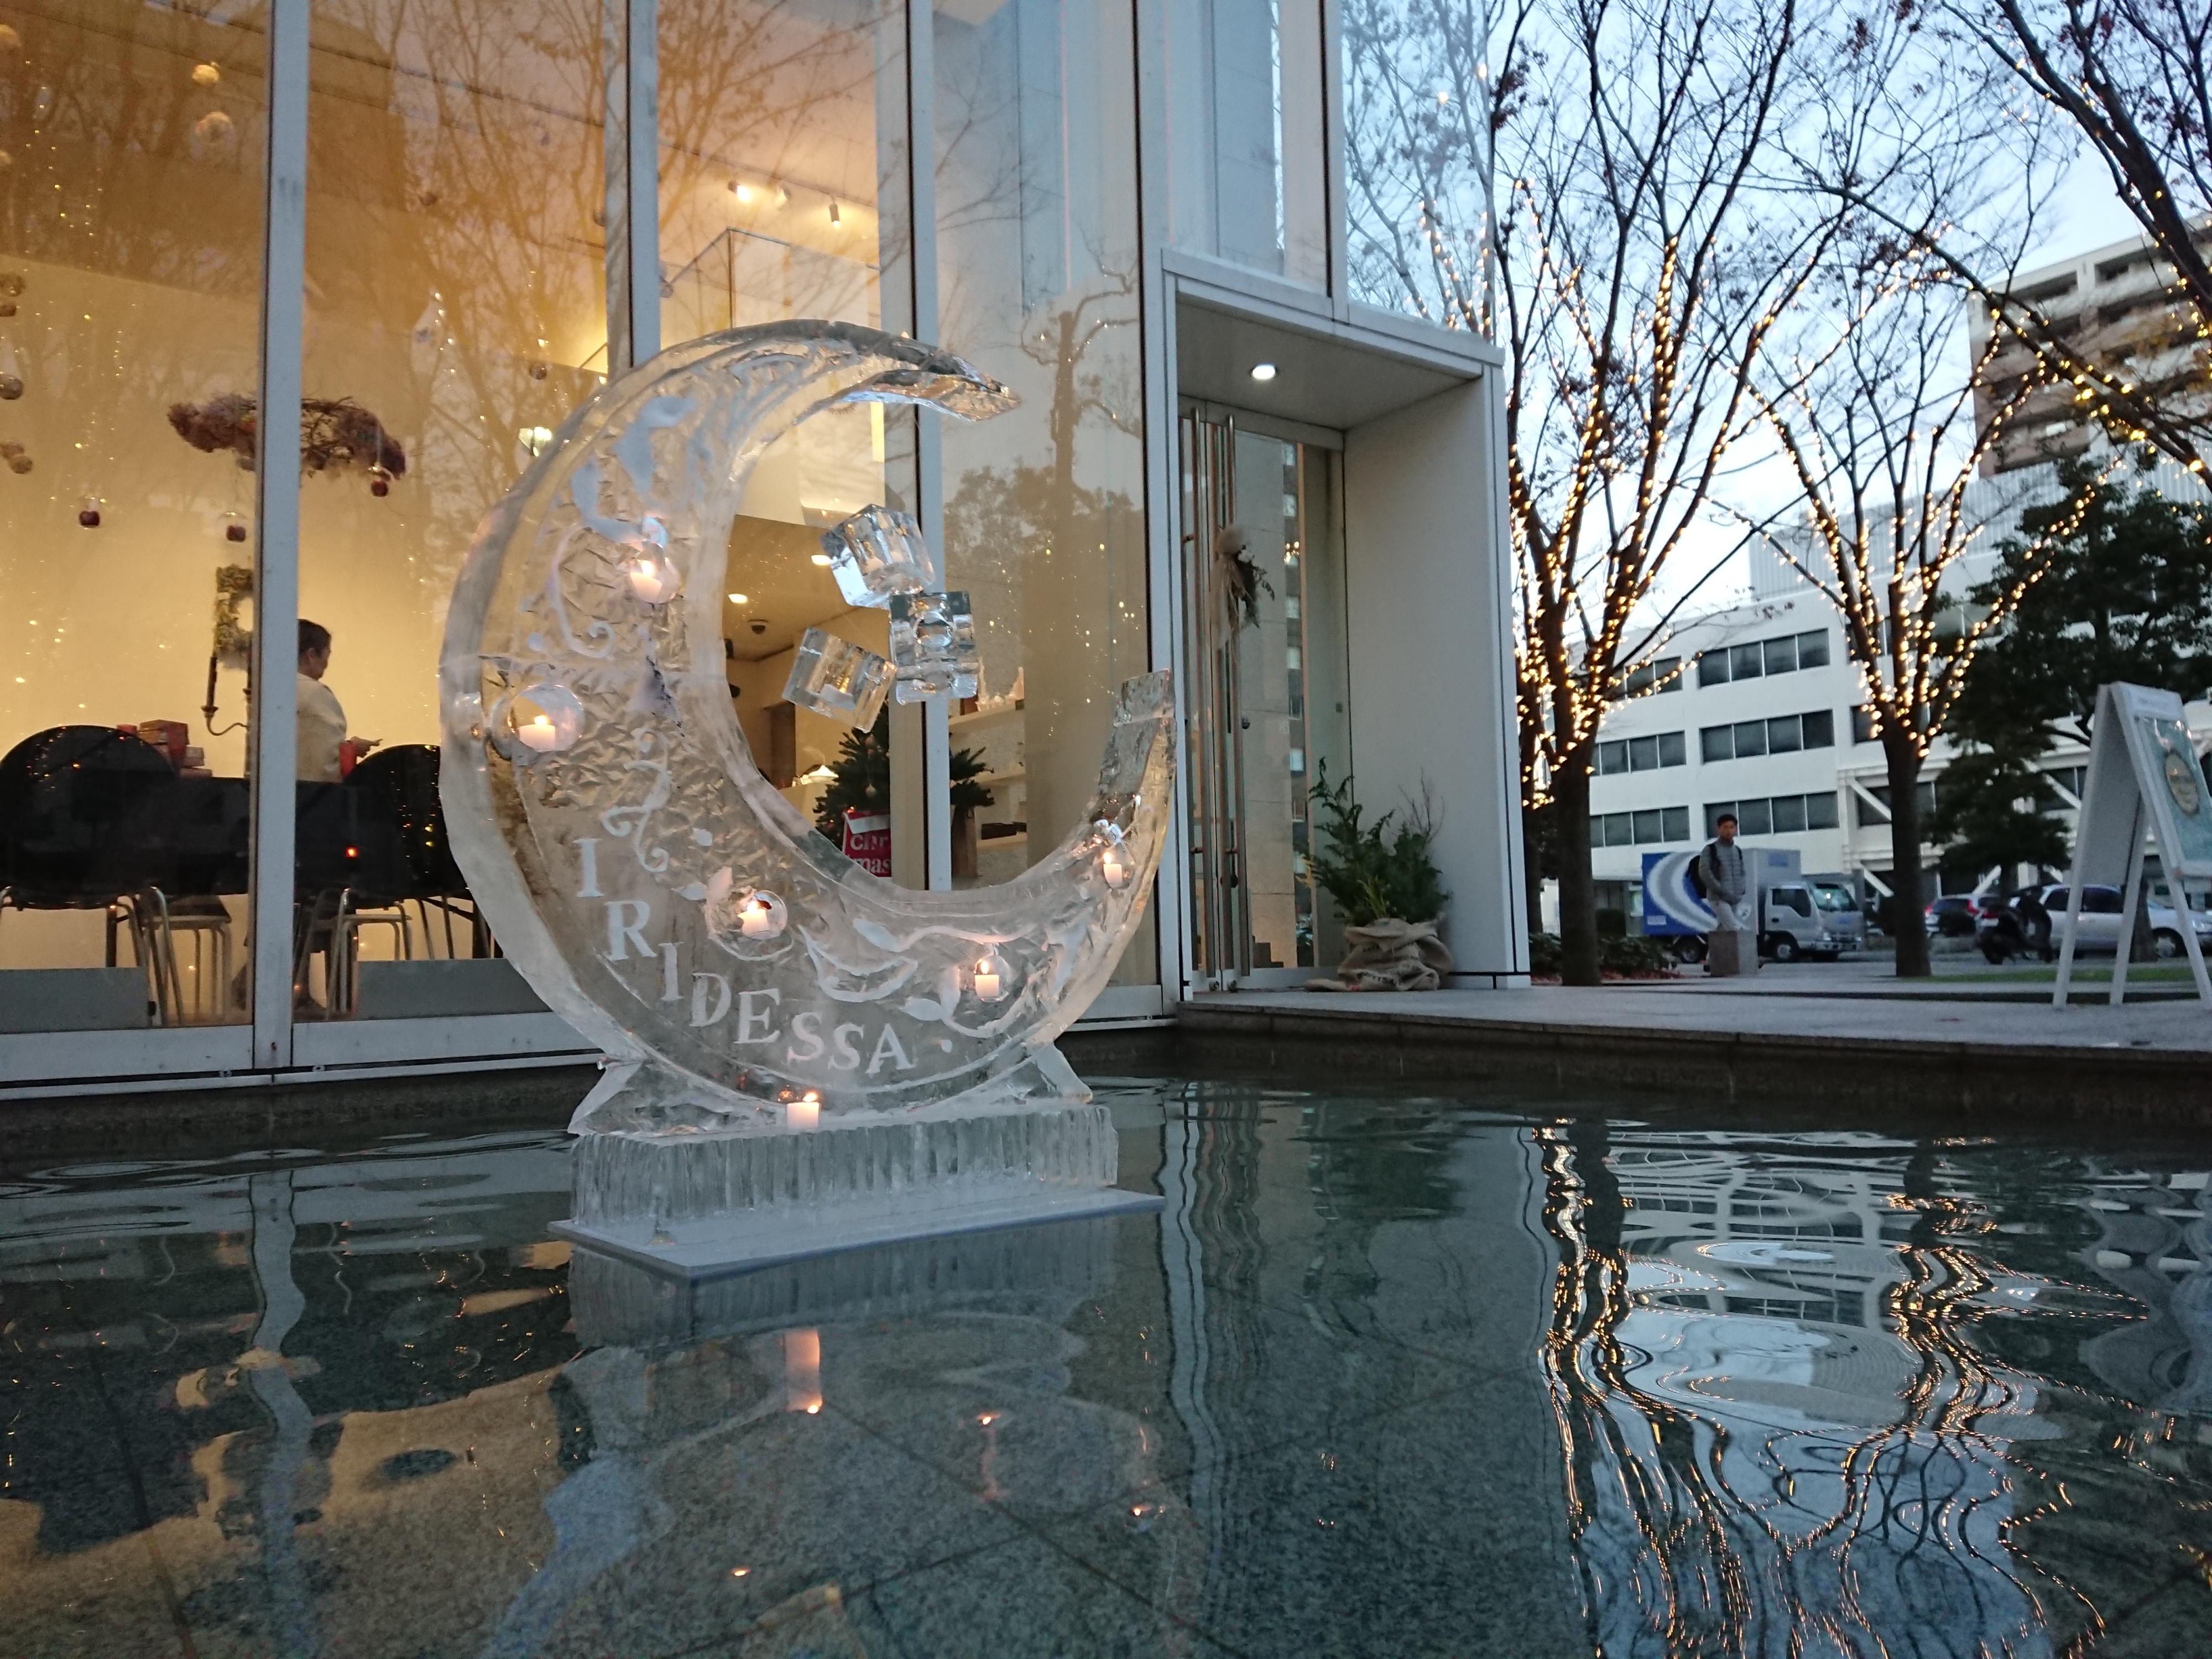 キャンドルと氷を合わせた幻想的なアート作品